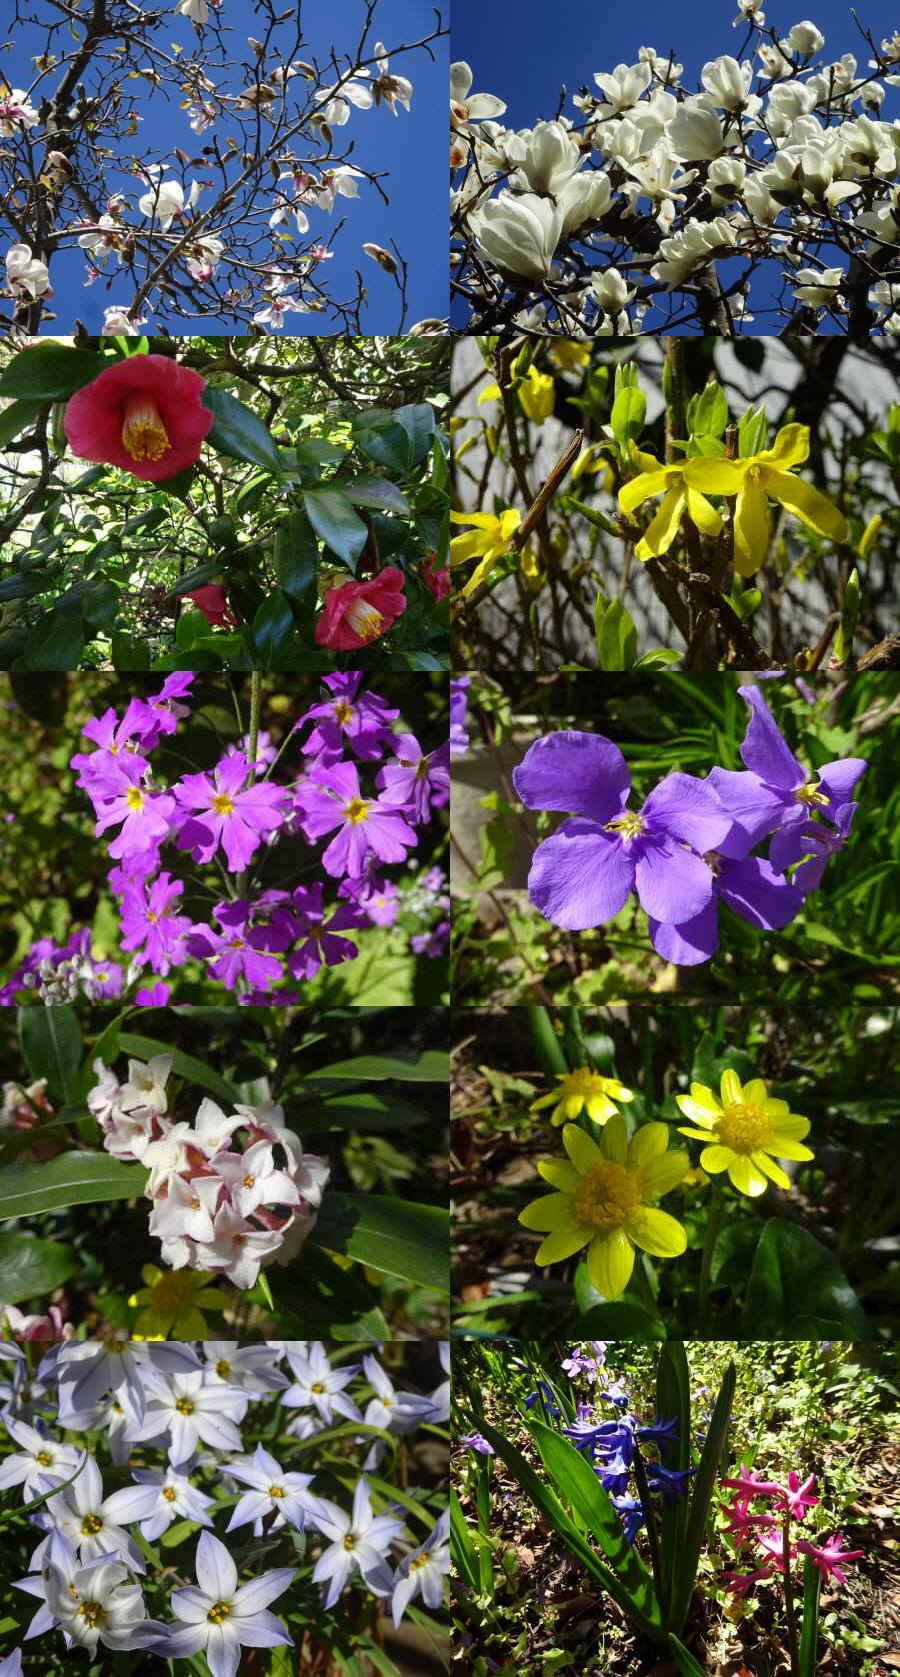 庭の花 春_f0059673_23384383.jpg